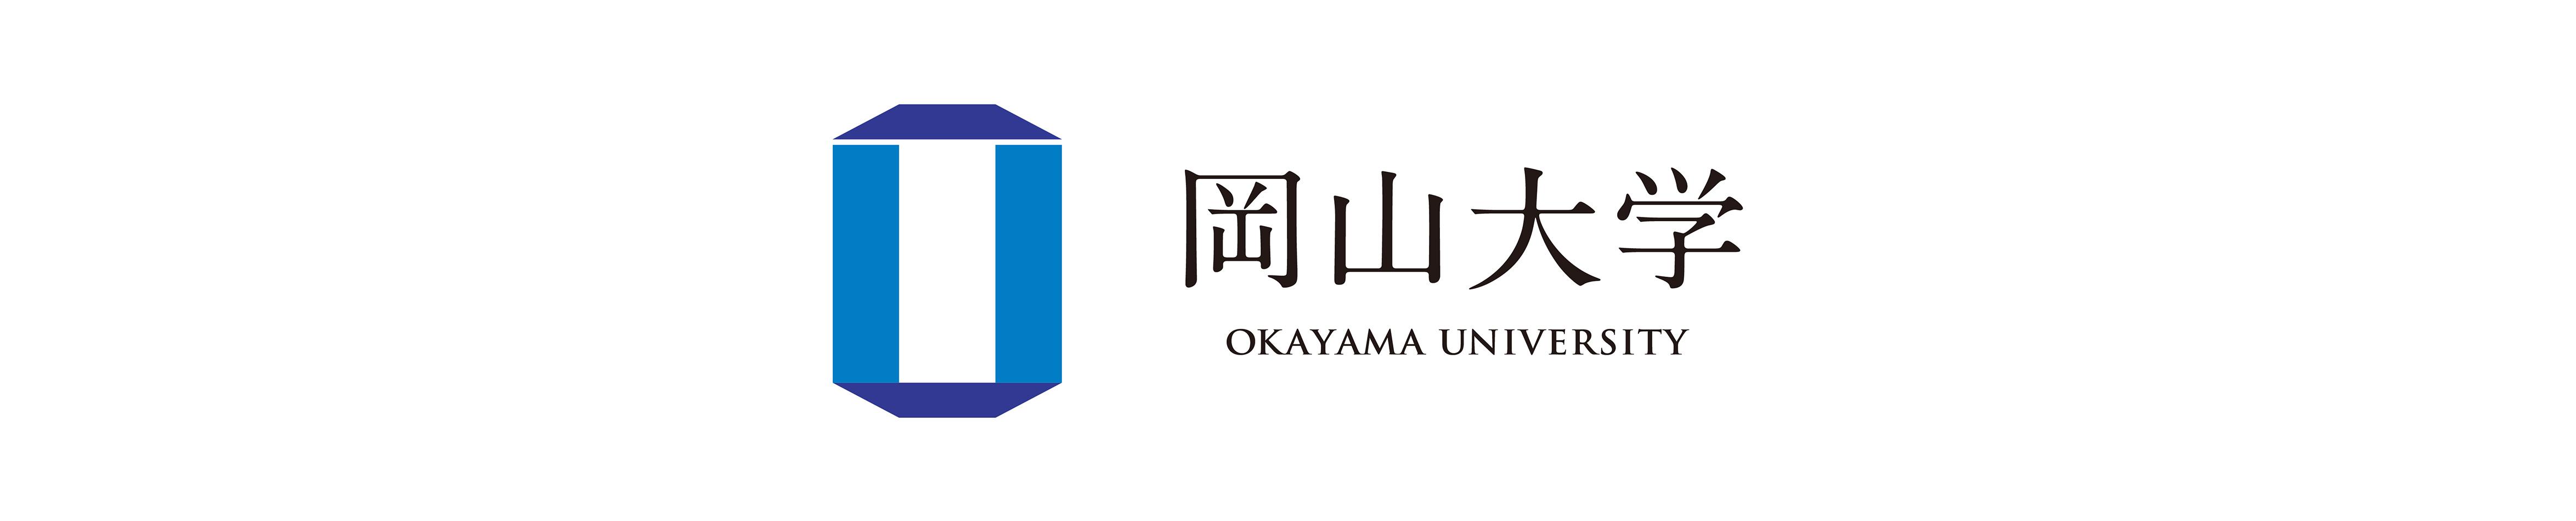 Banner okayama